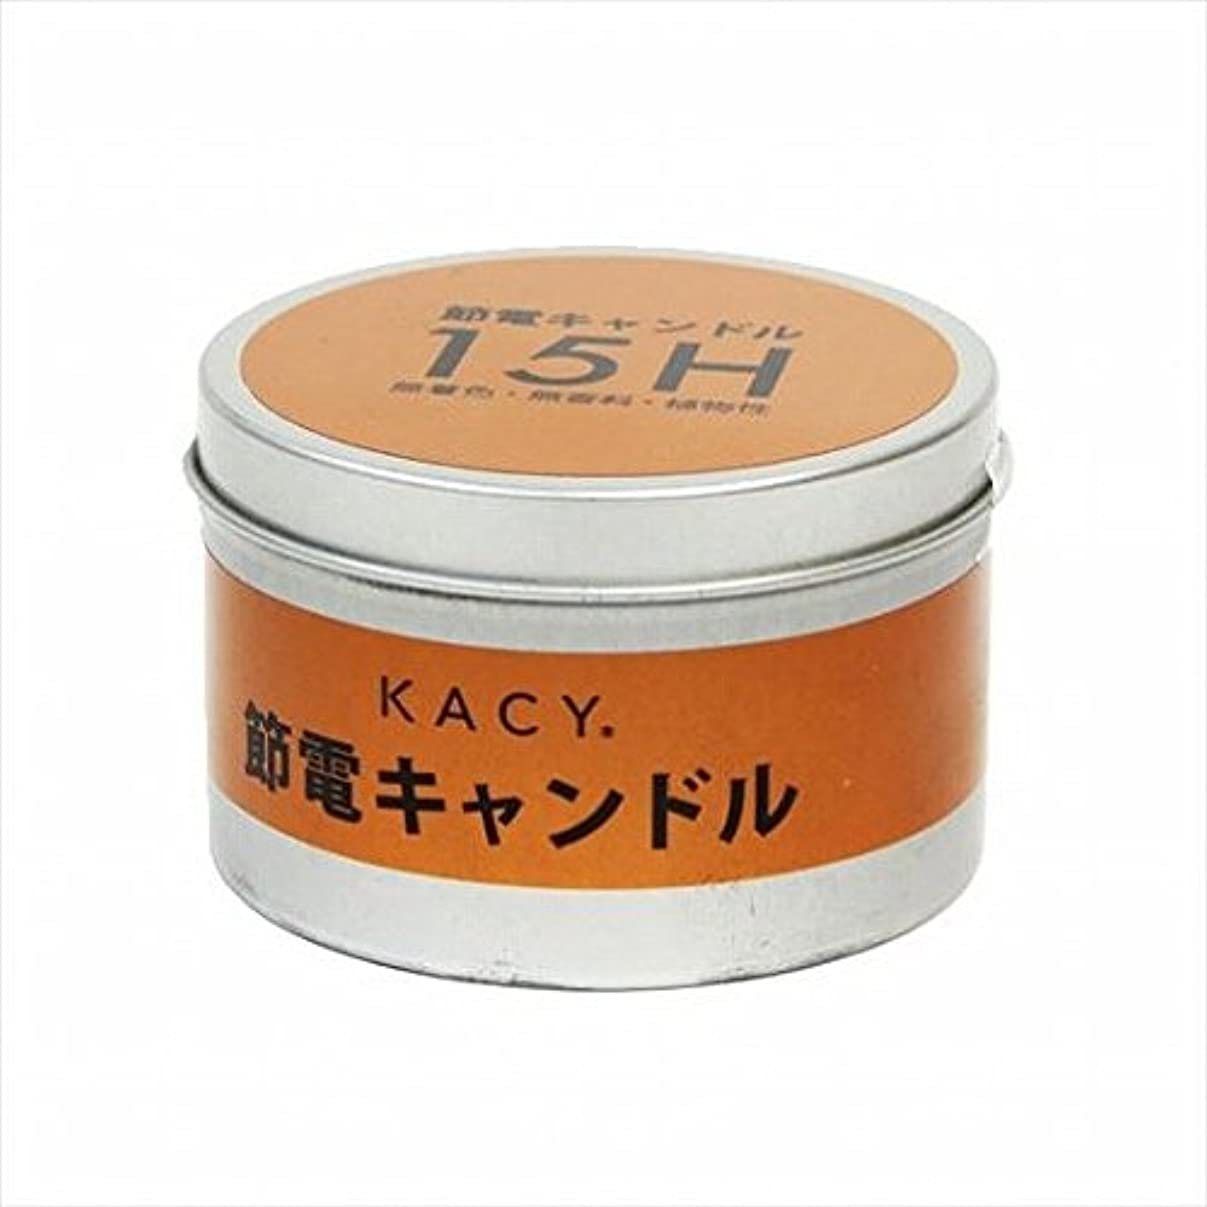 マントル広範囲フィードバックkameyama candle(カメヤマキャンドル) 節電缶キャンドル15時間タイプ キャンドル 80x80x48mm (A9620000)